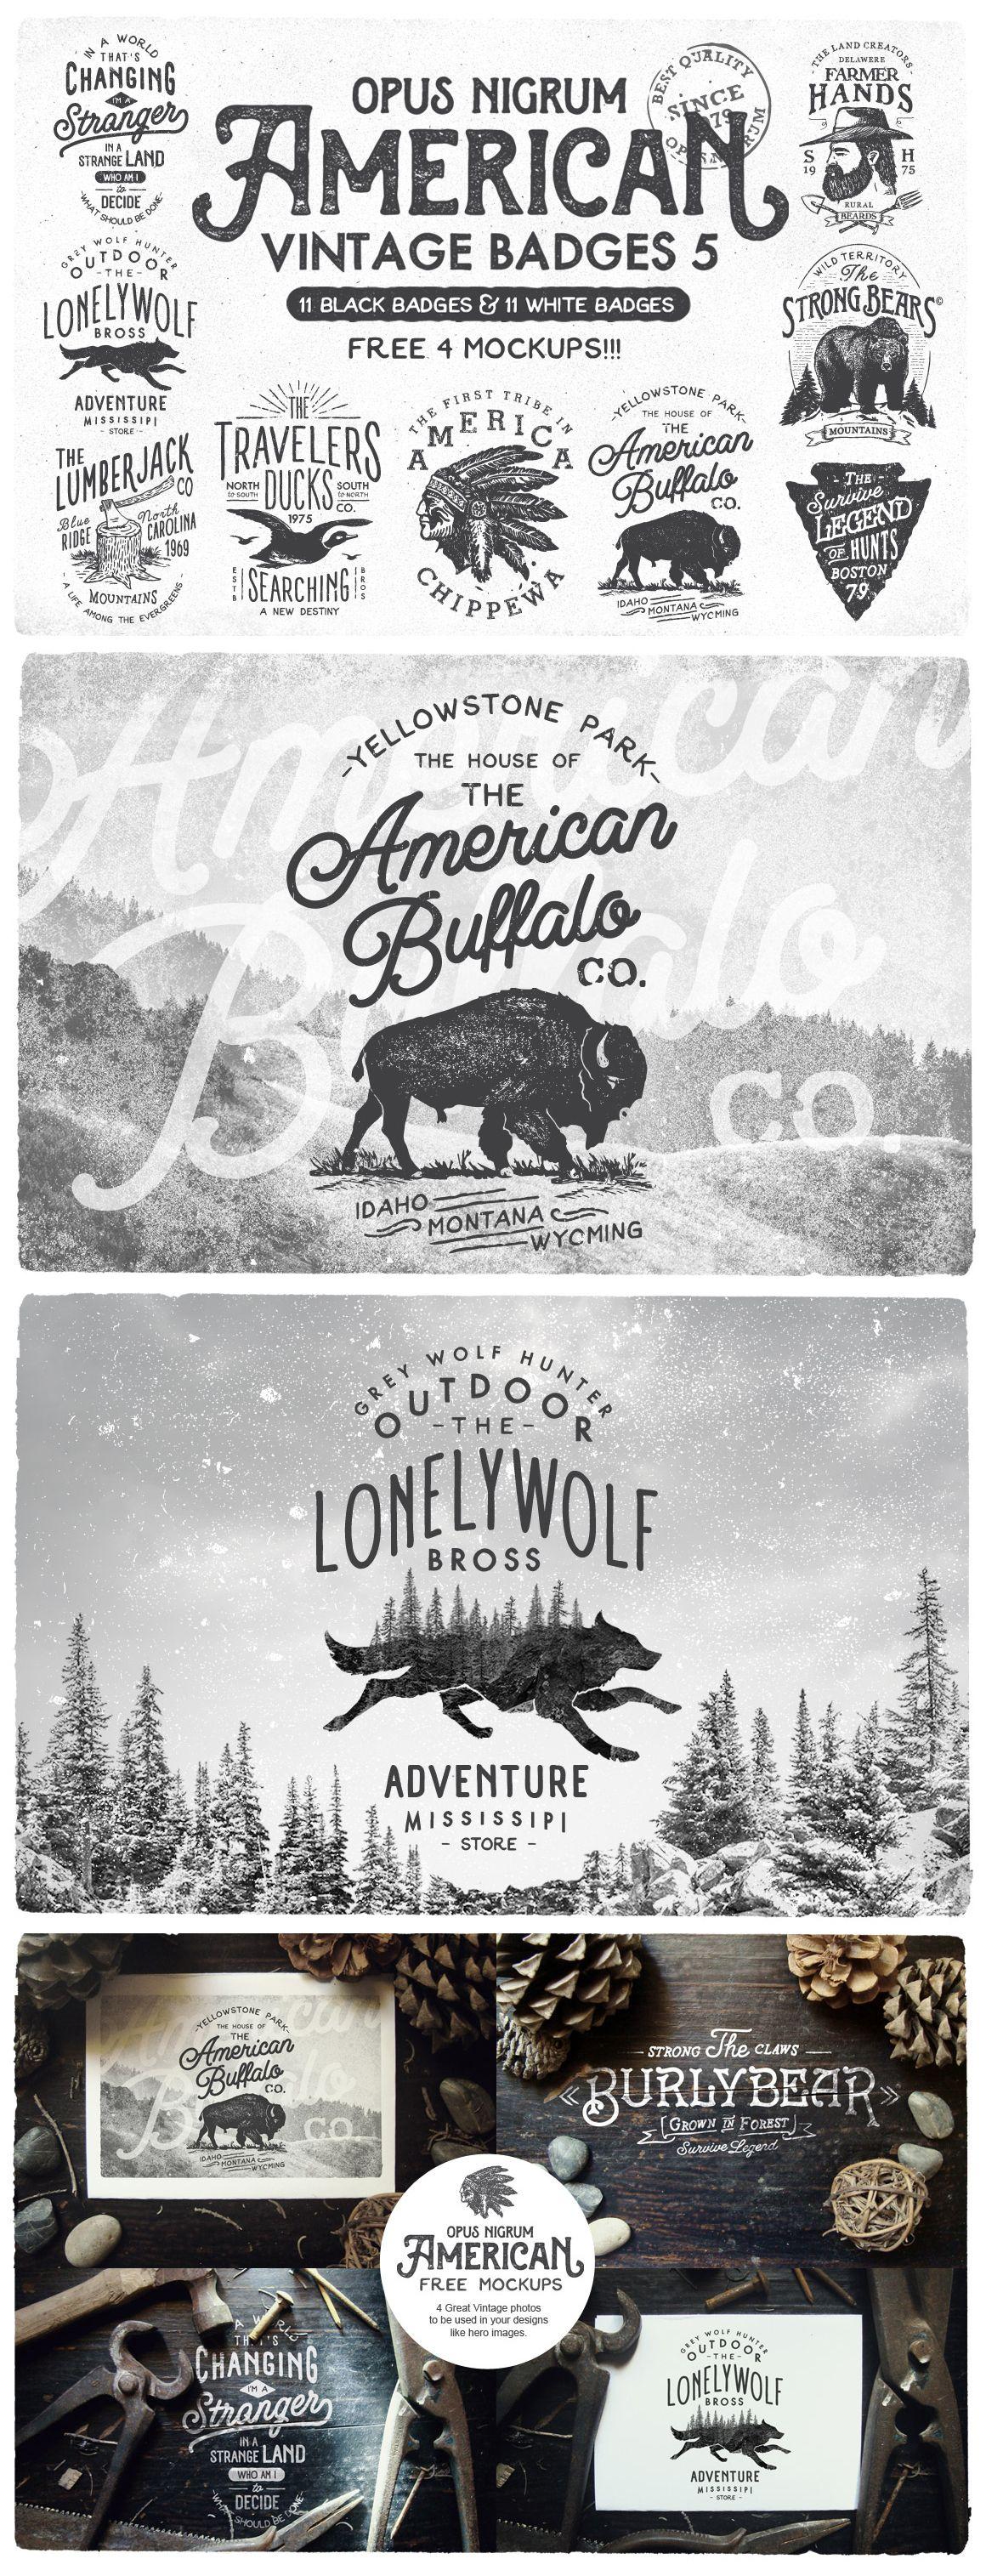 American Vintage Badges 5 by OpusNigrum